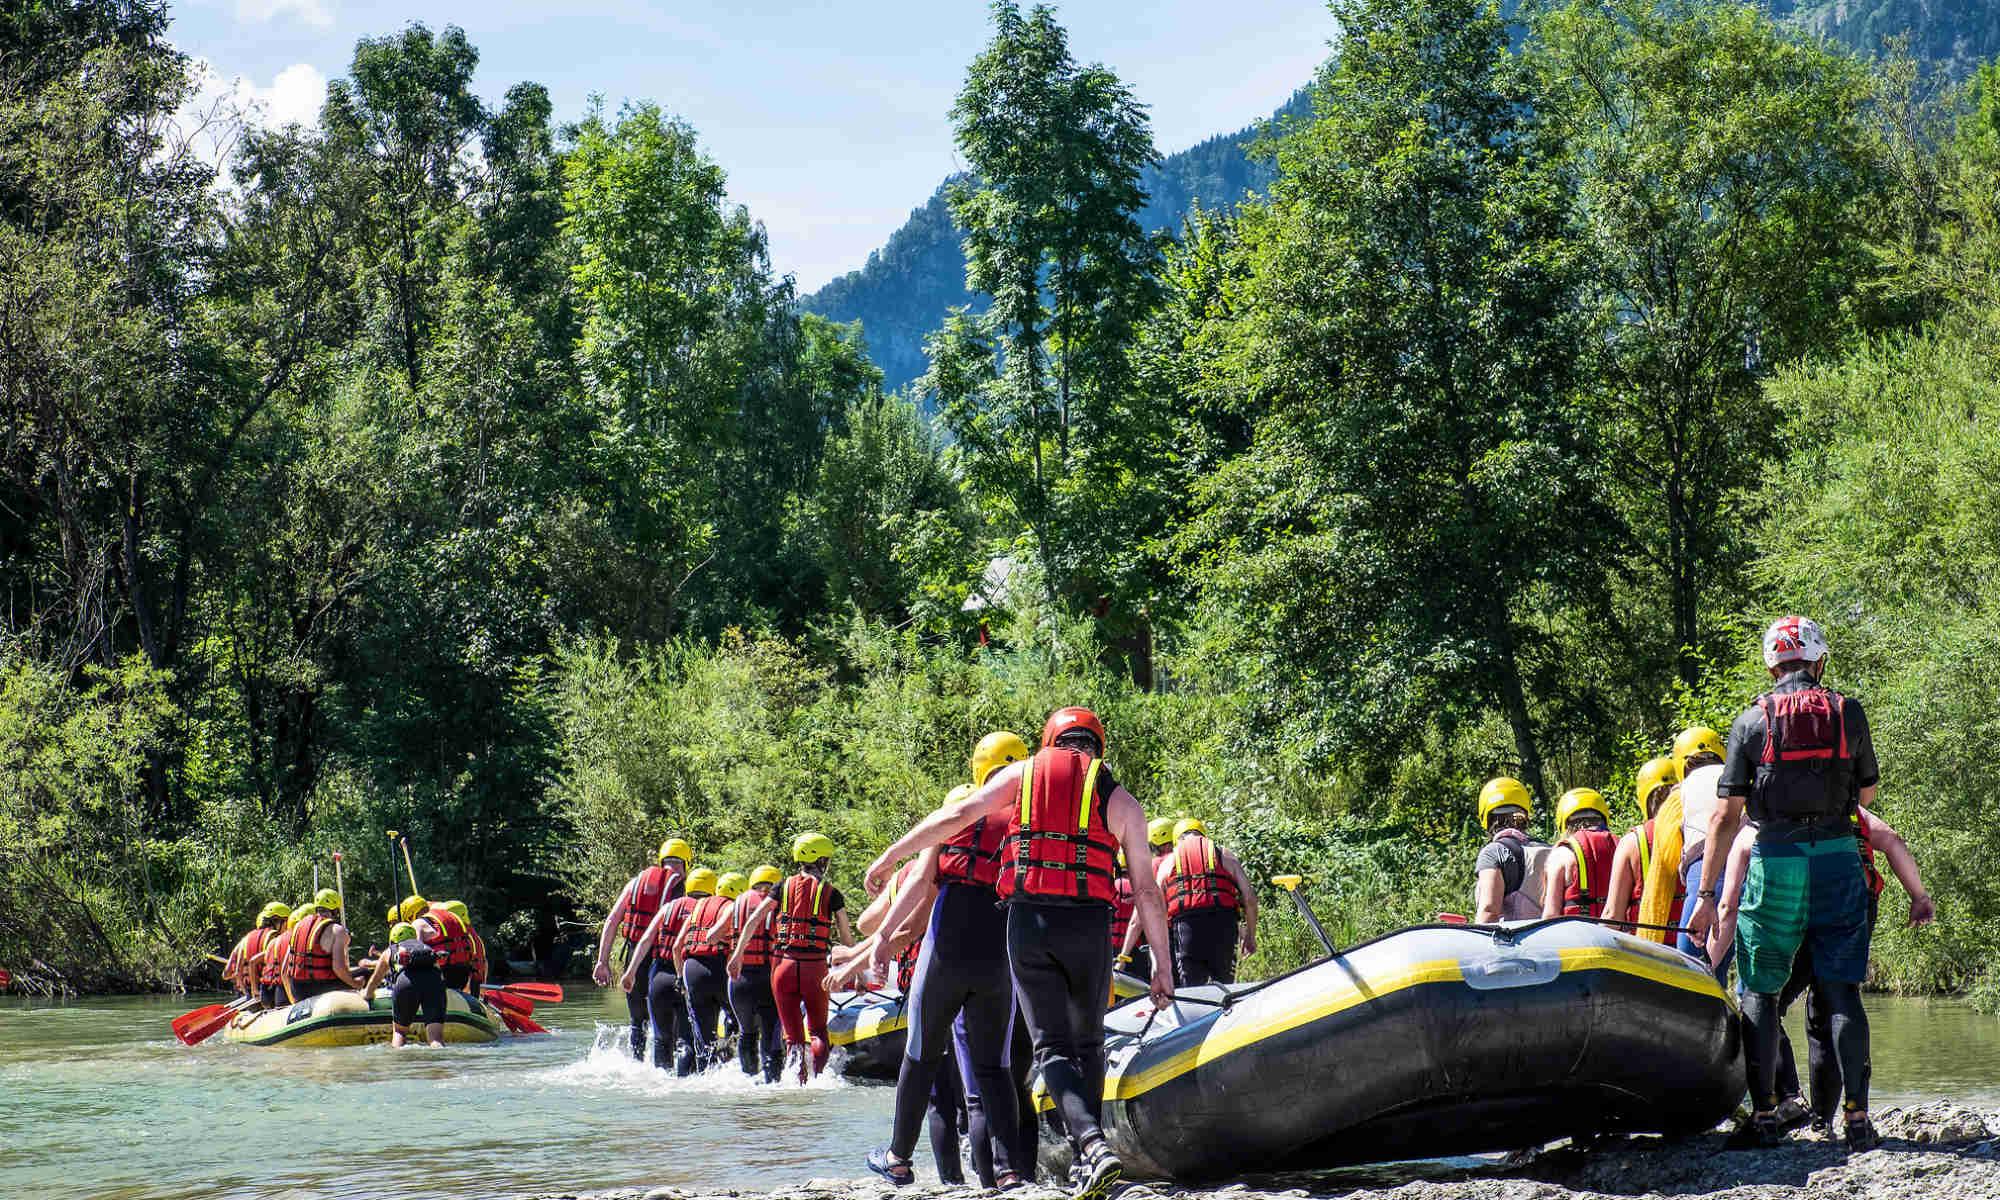 Mehrere Gruppen tragen Schlauchboote zur Einstiegsstelle am Fluss.